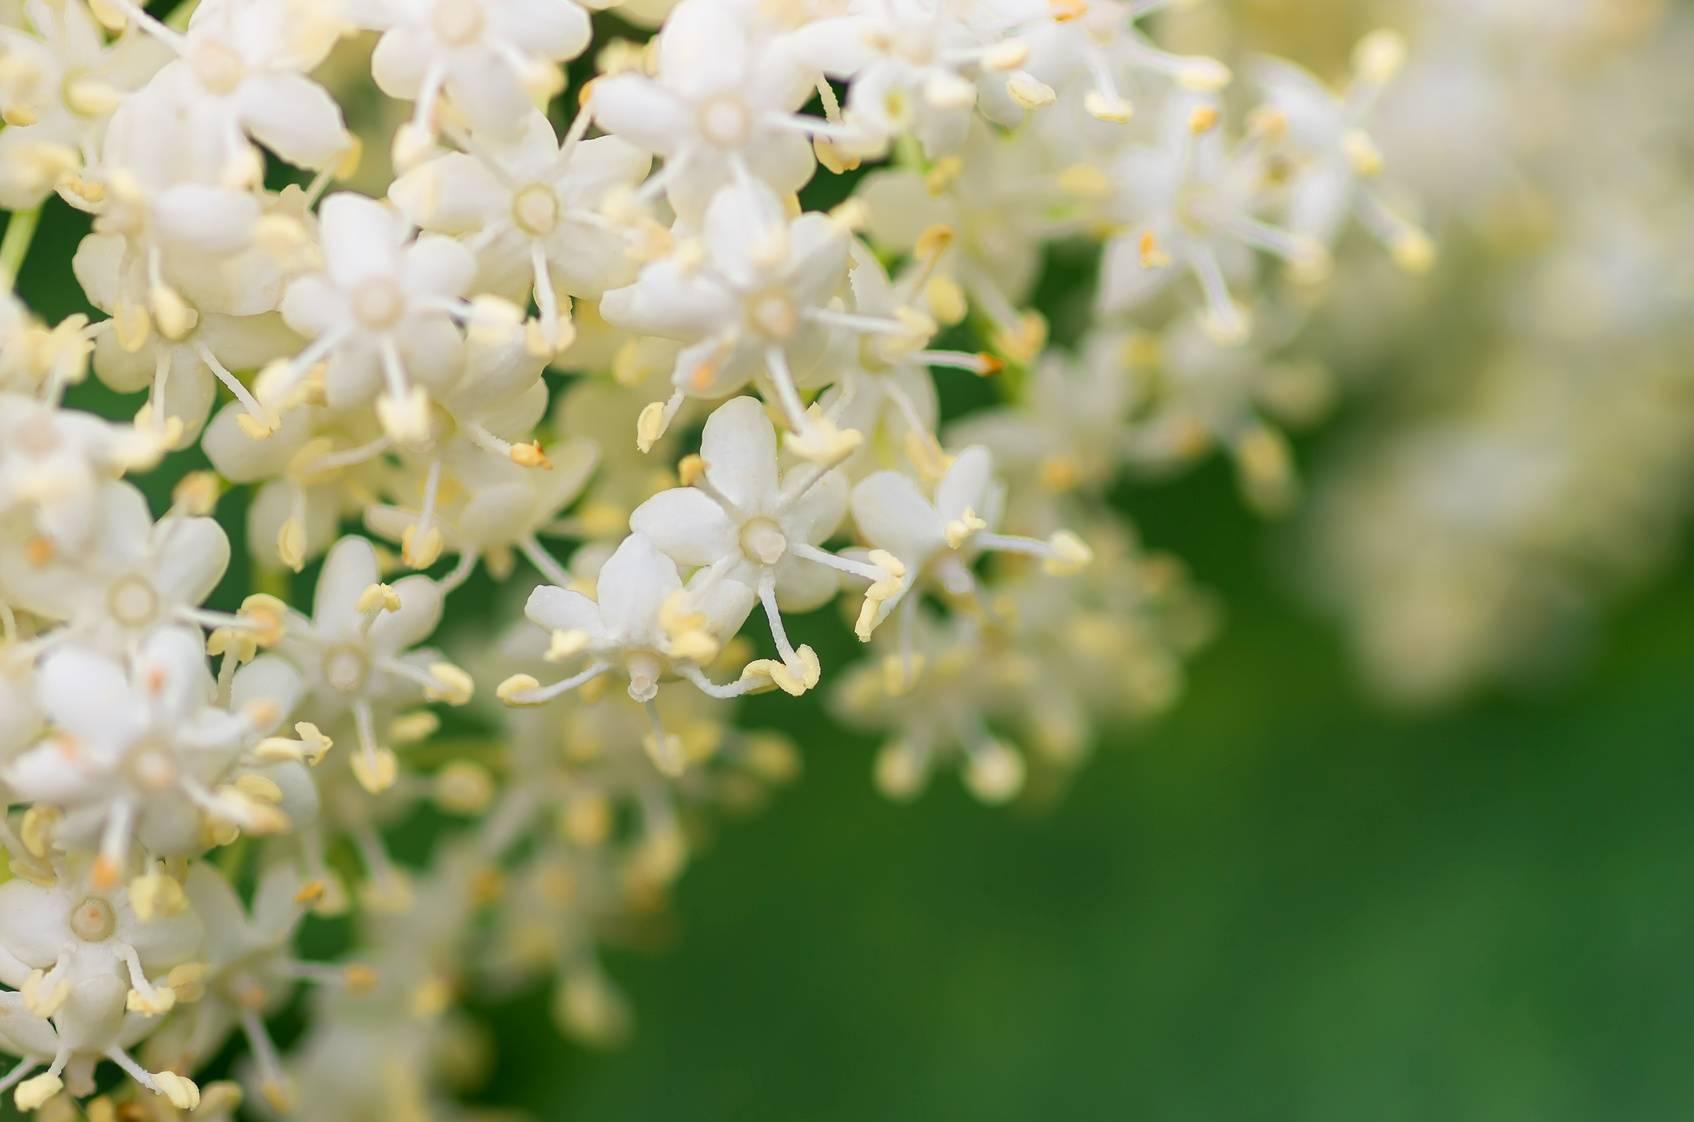 Kwiaty czarnego bzu w dużym przybliżeniu.